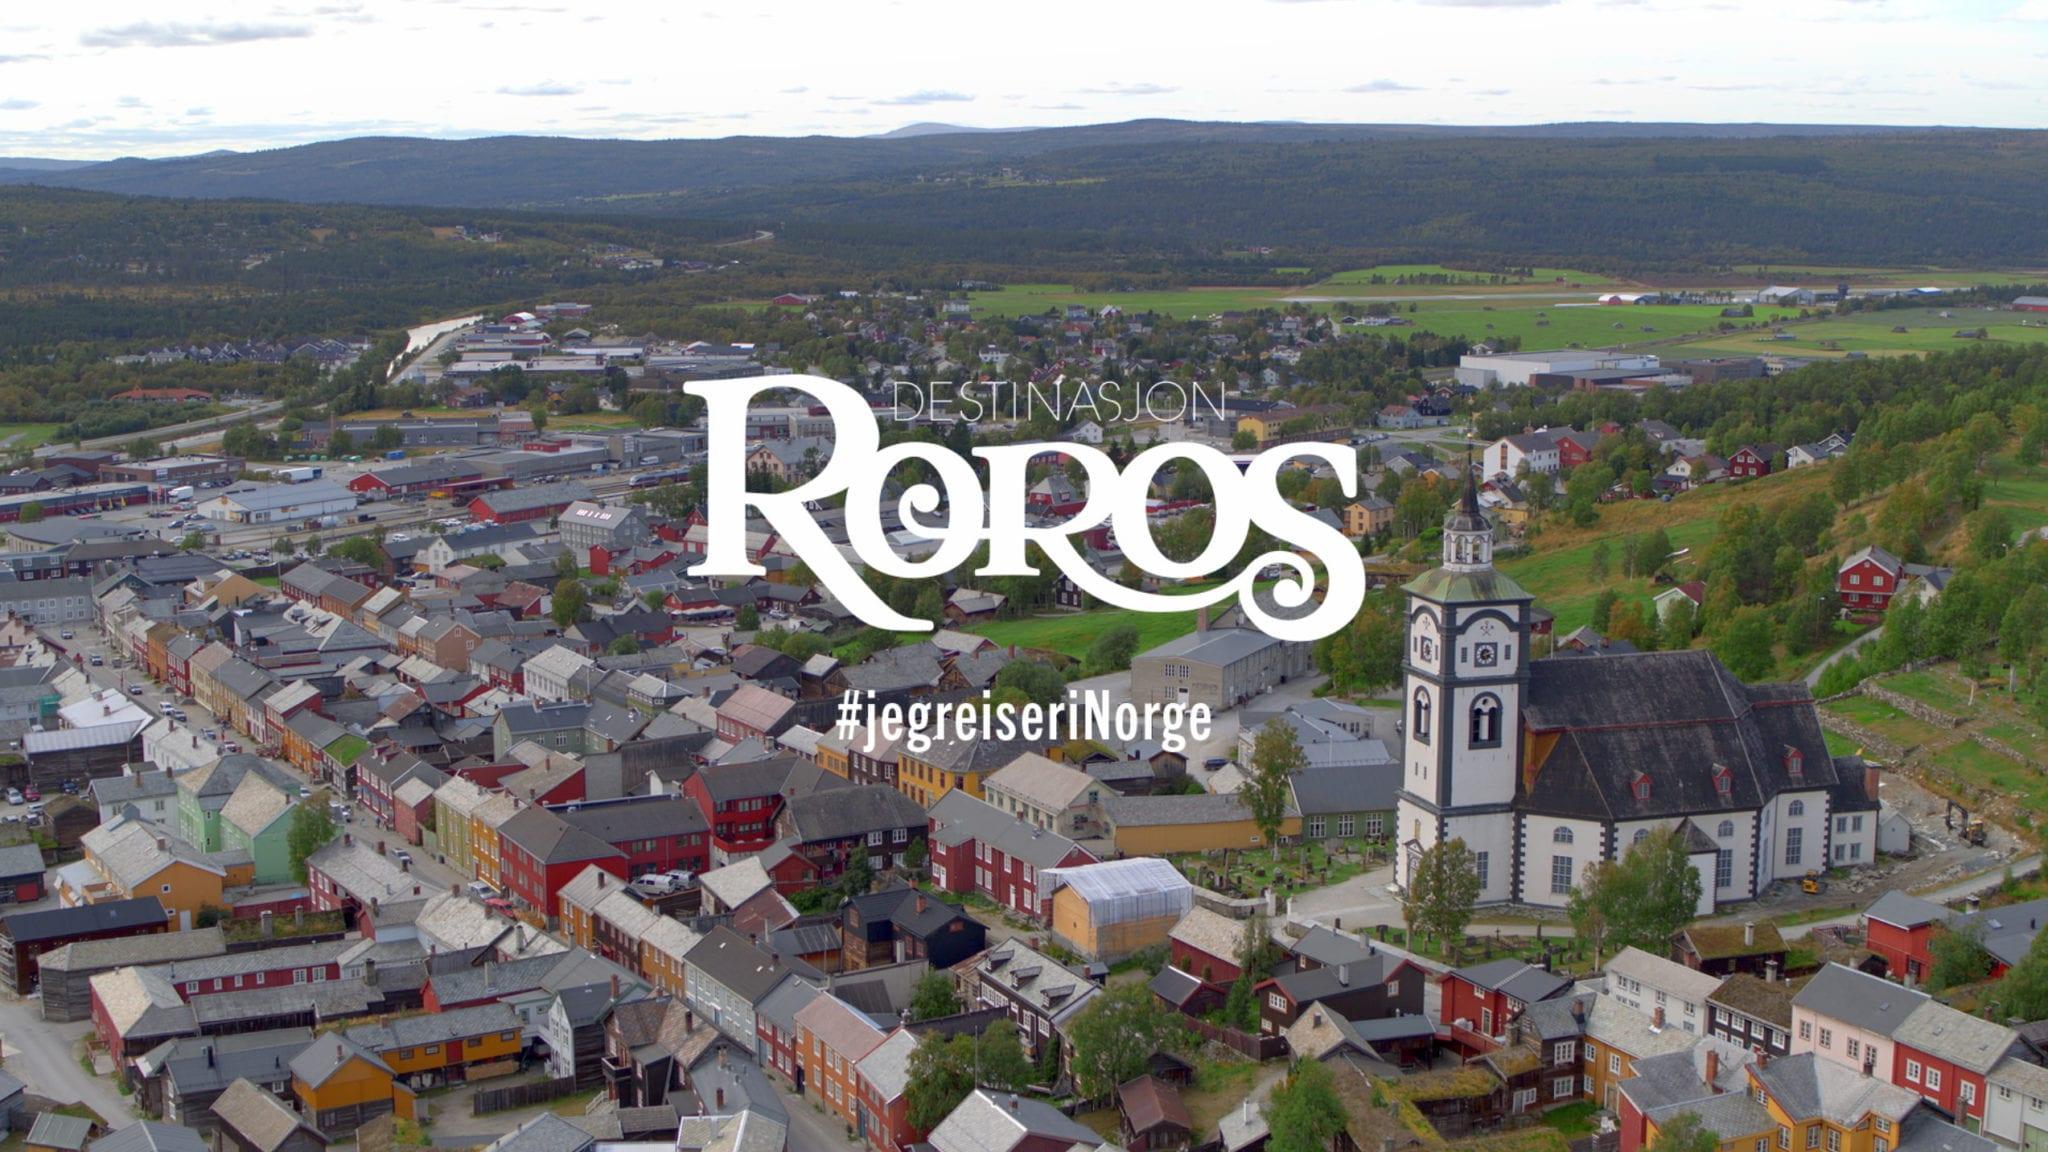 Destinasjon Røros: Jeg reiser i Norge. Foto: Ren Røros Frontal